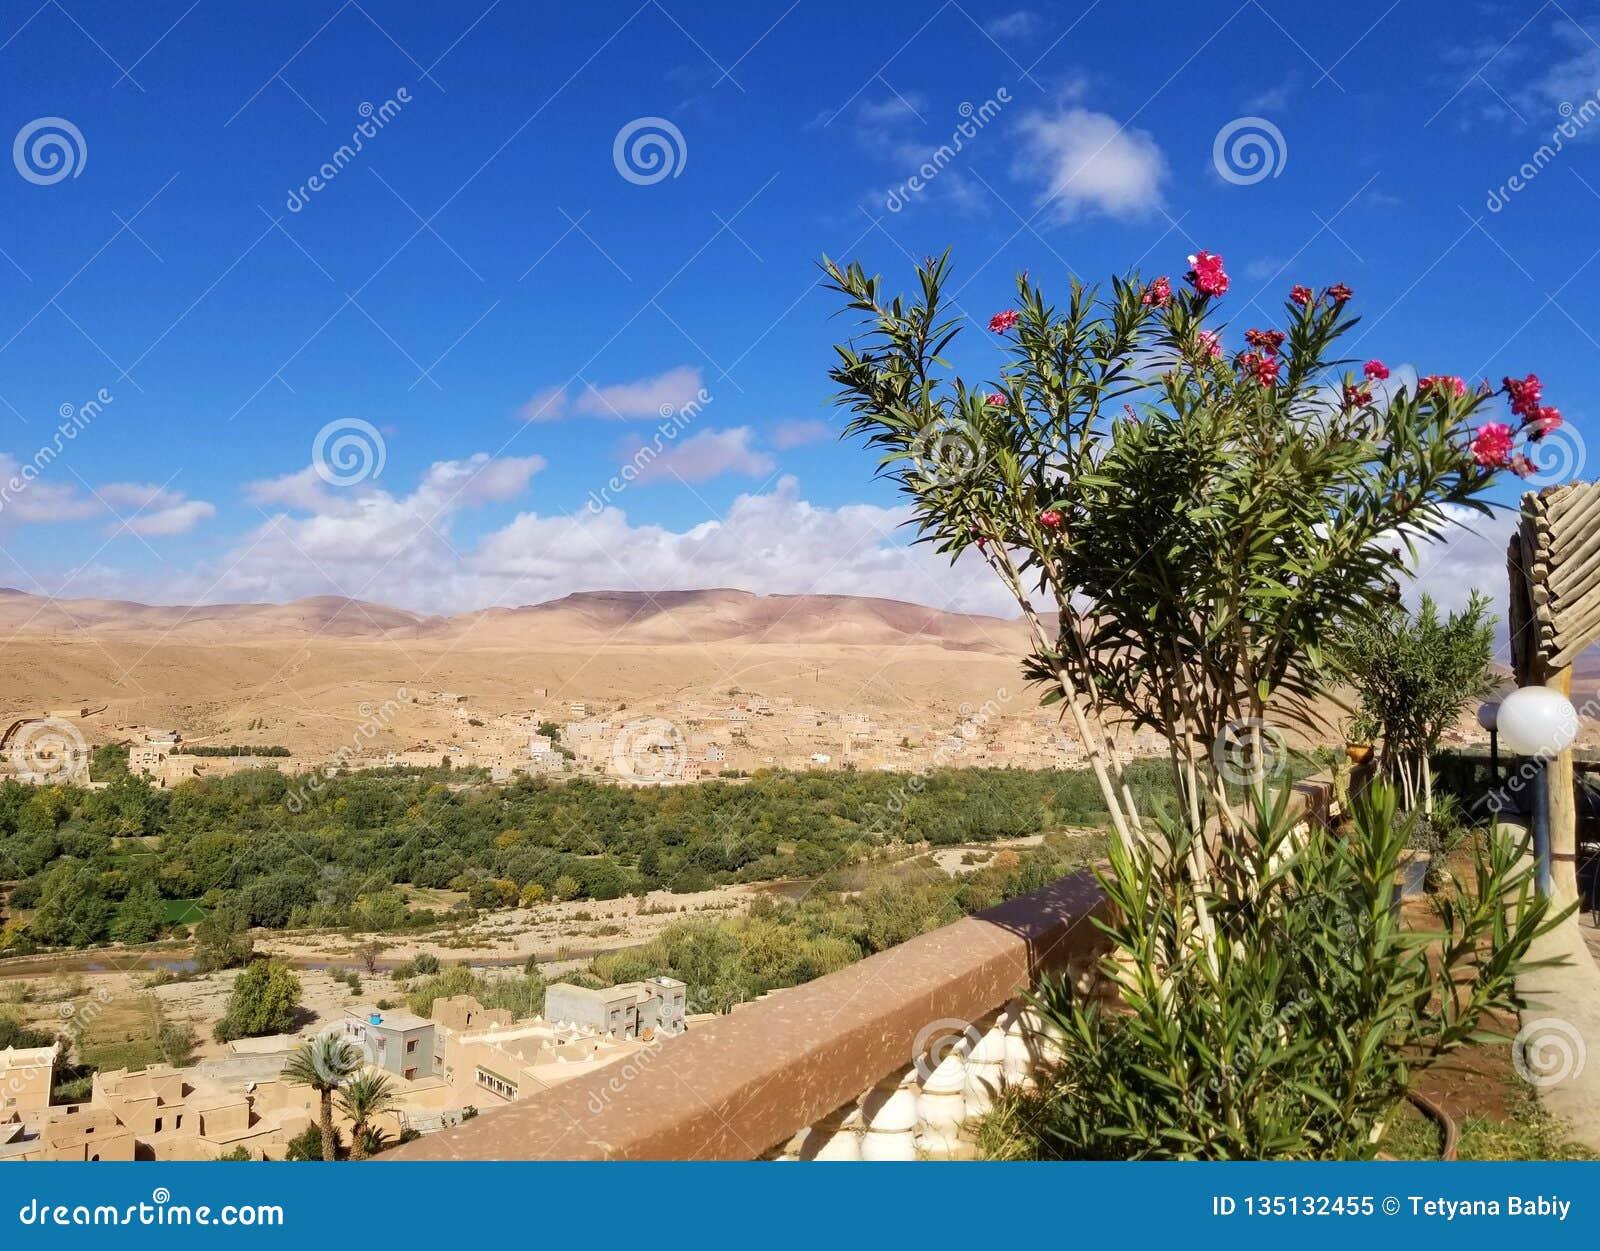 Un pequeño oasis en desierto